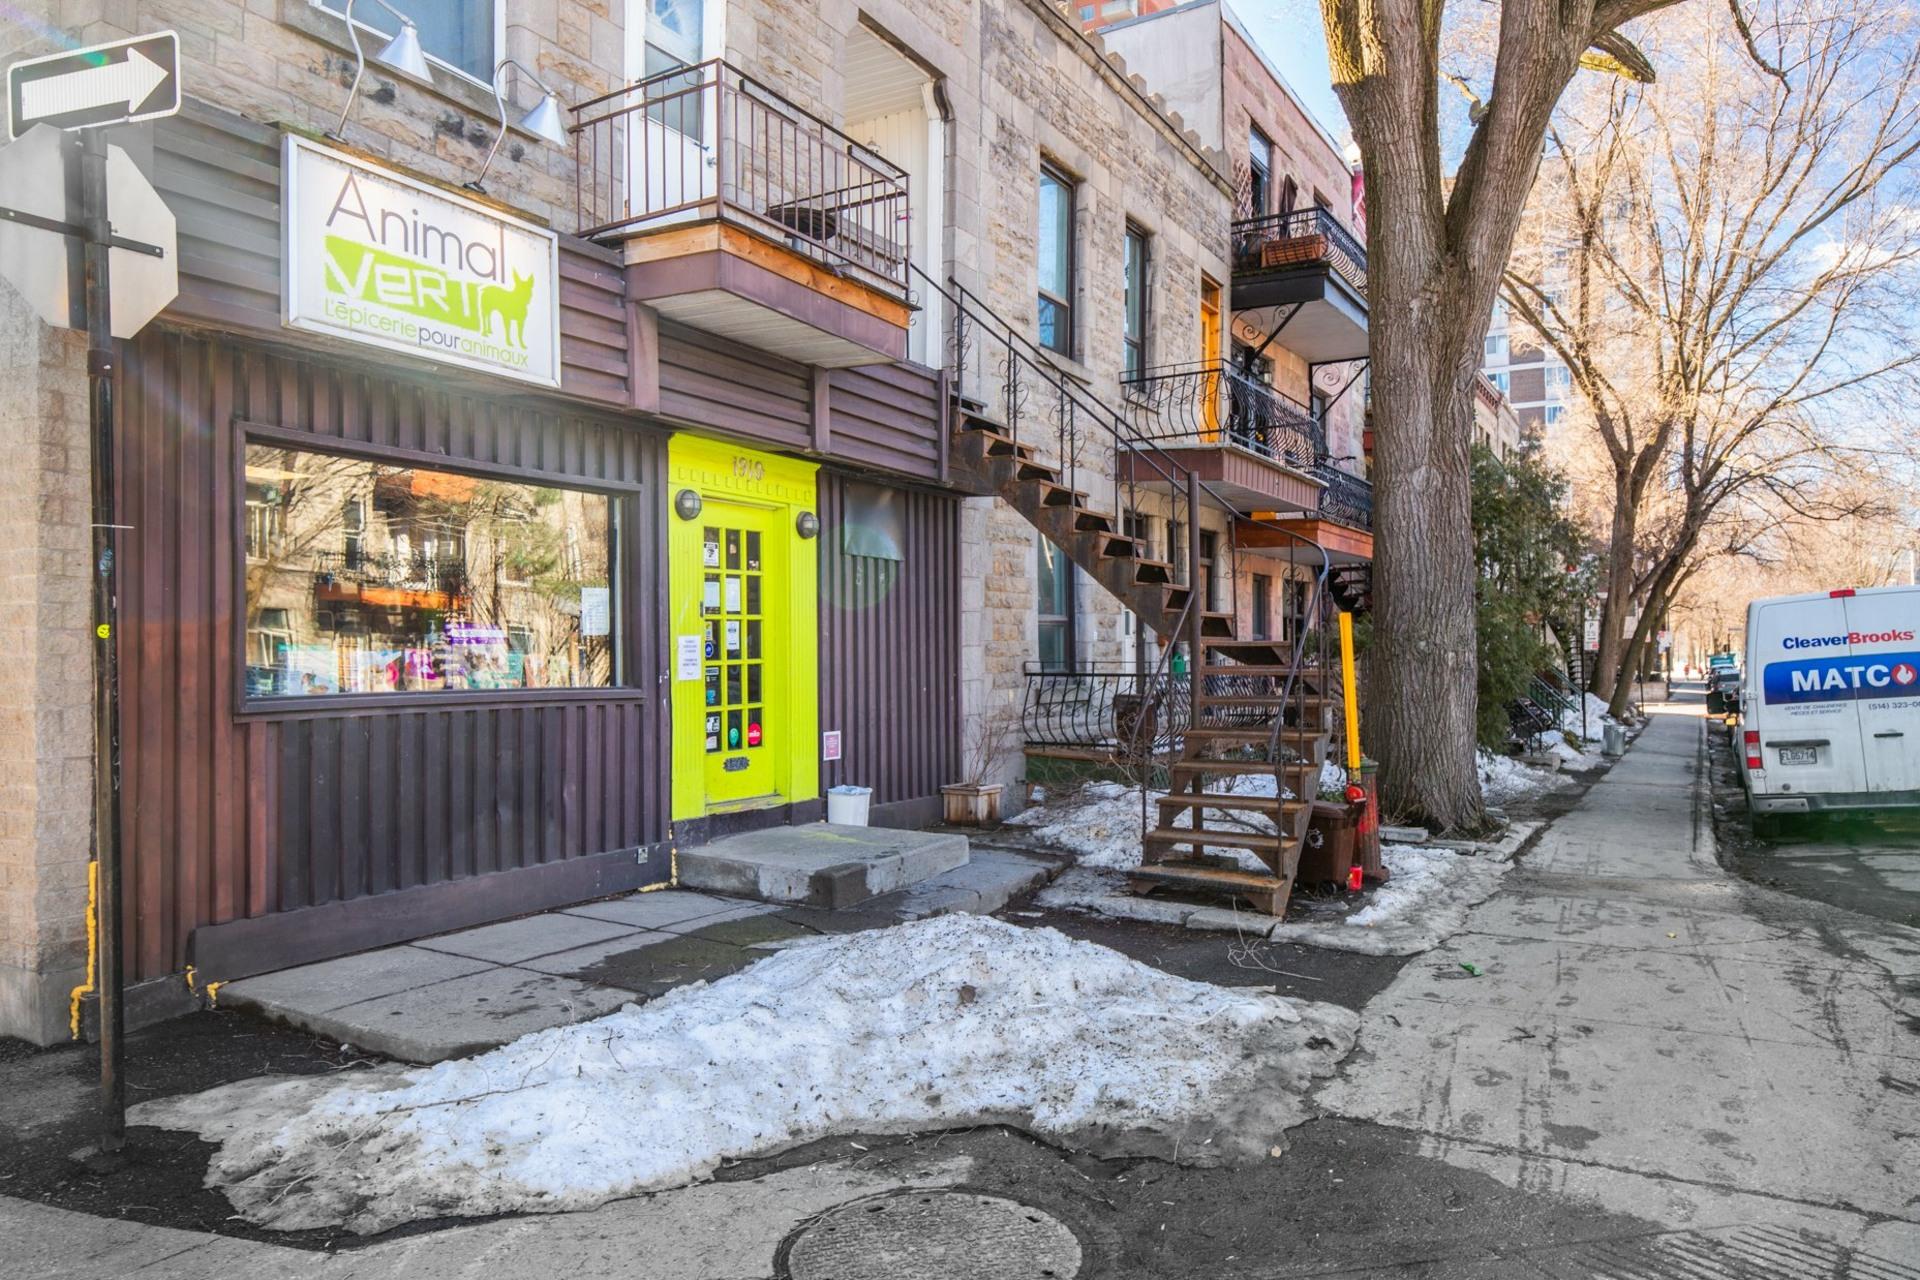 image 25 - Apartment For sale Le Plateau-Mont-Royal Montréal  - 6 rooms